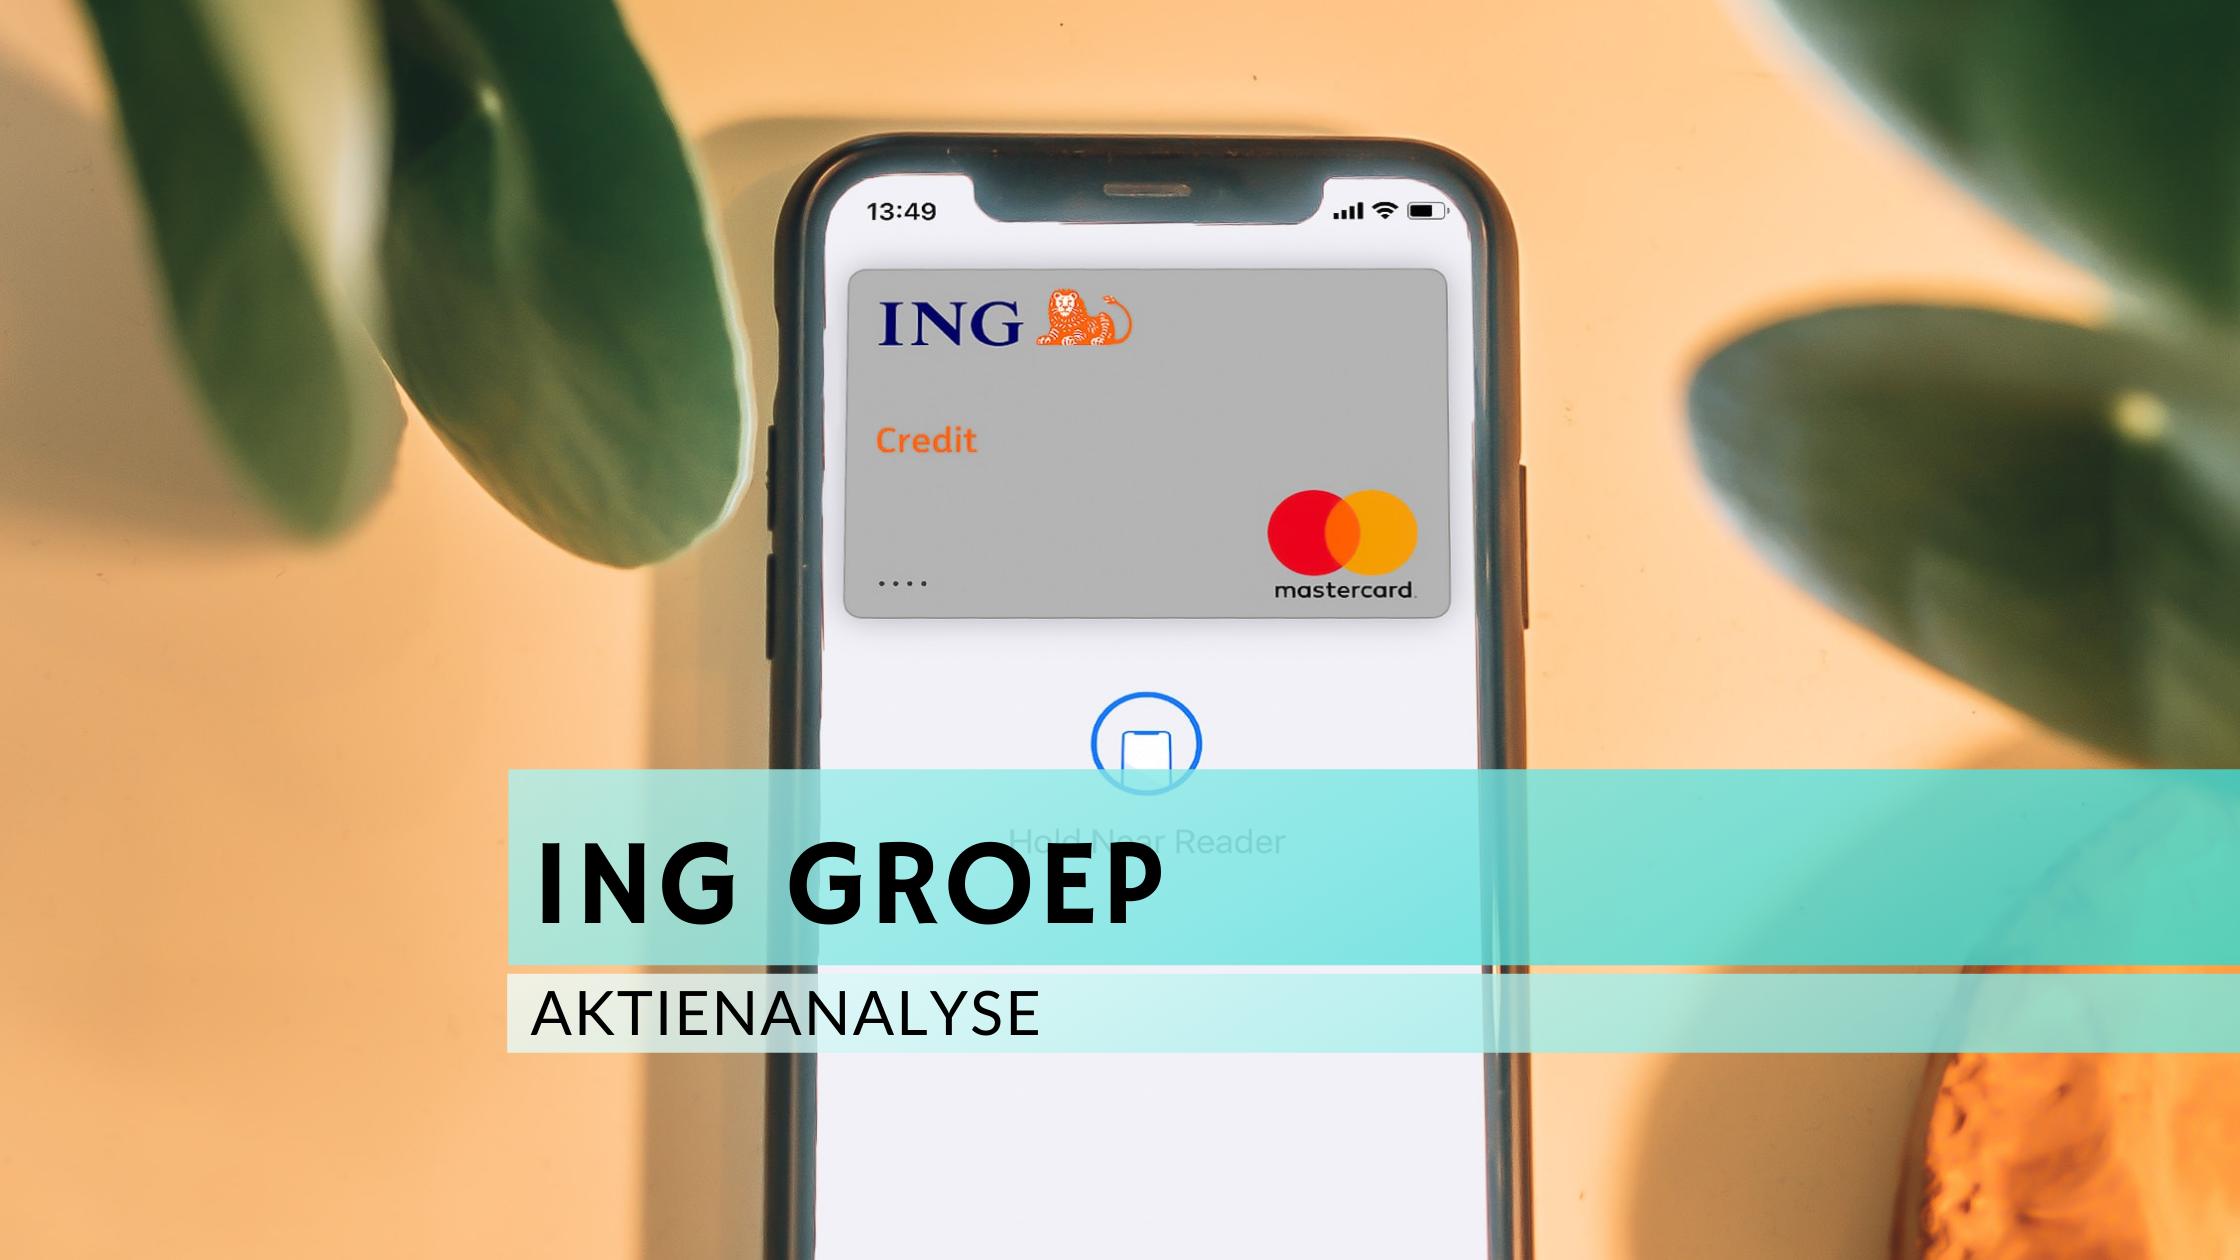 ING Groep Aktienanalyse